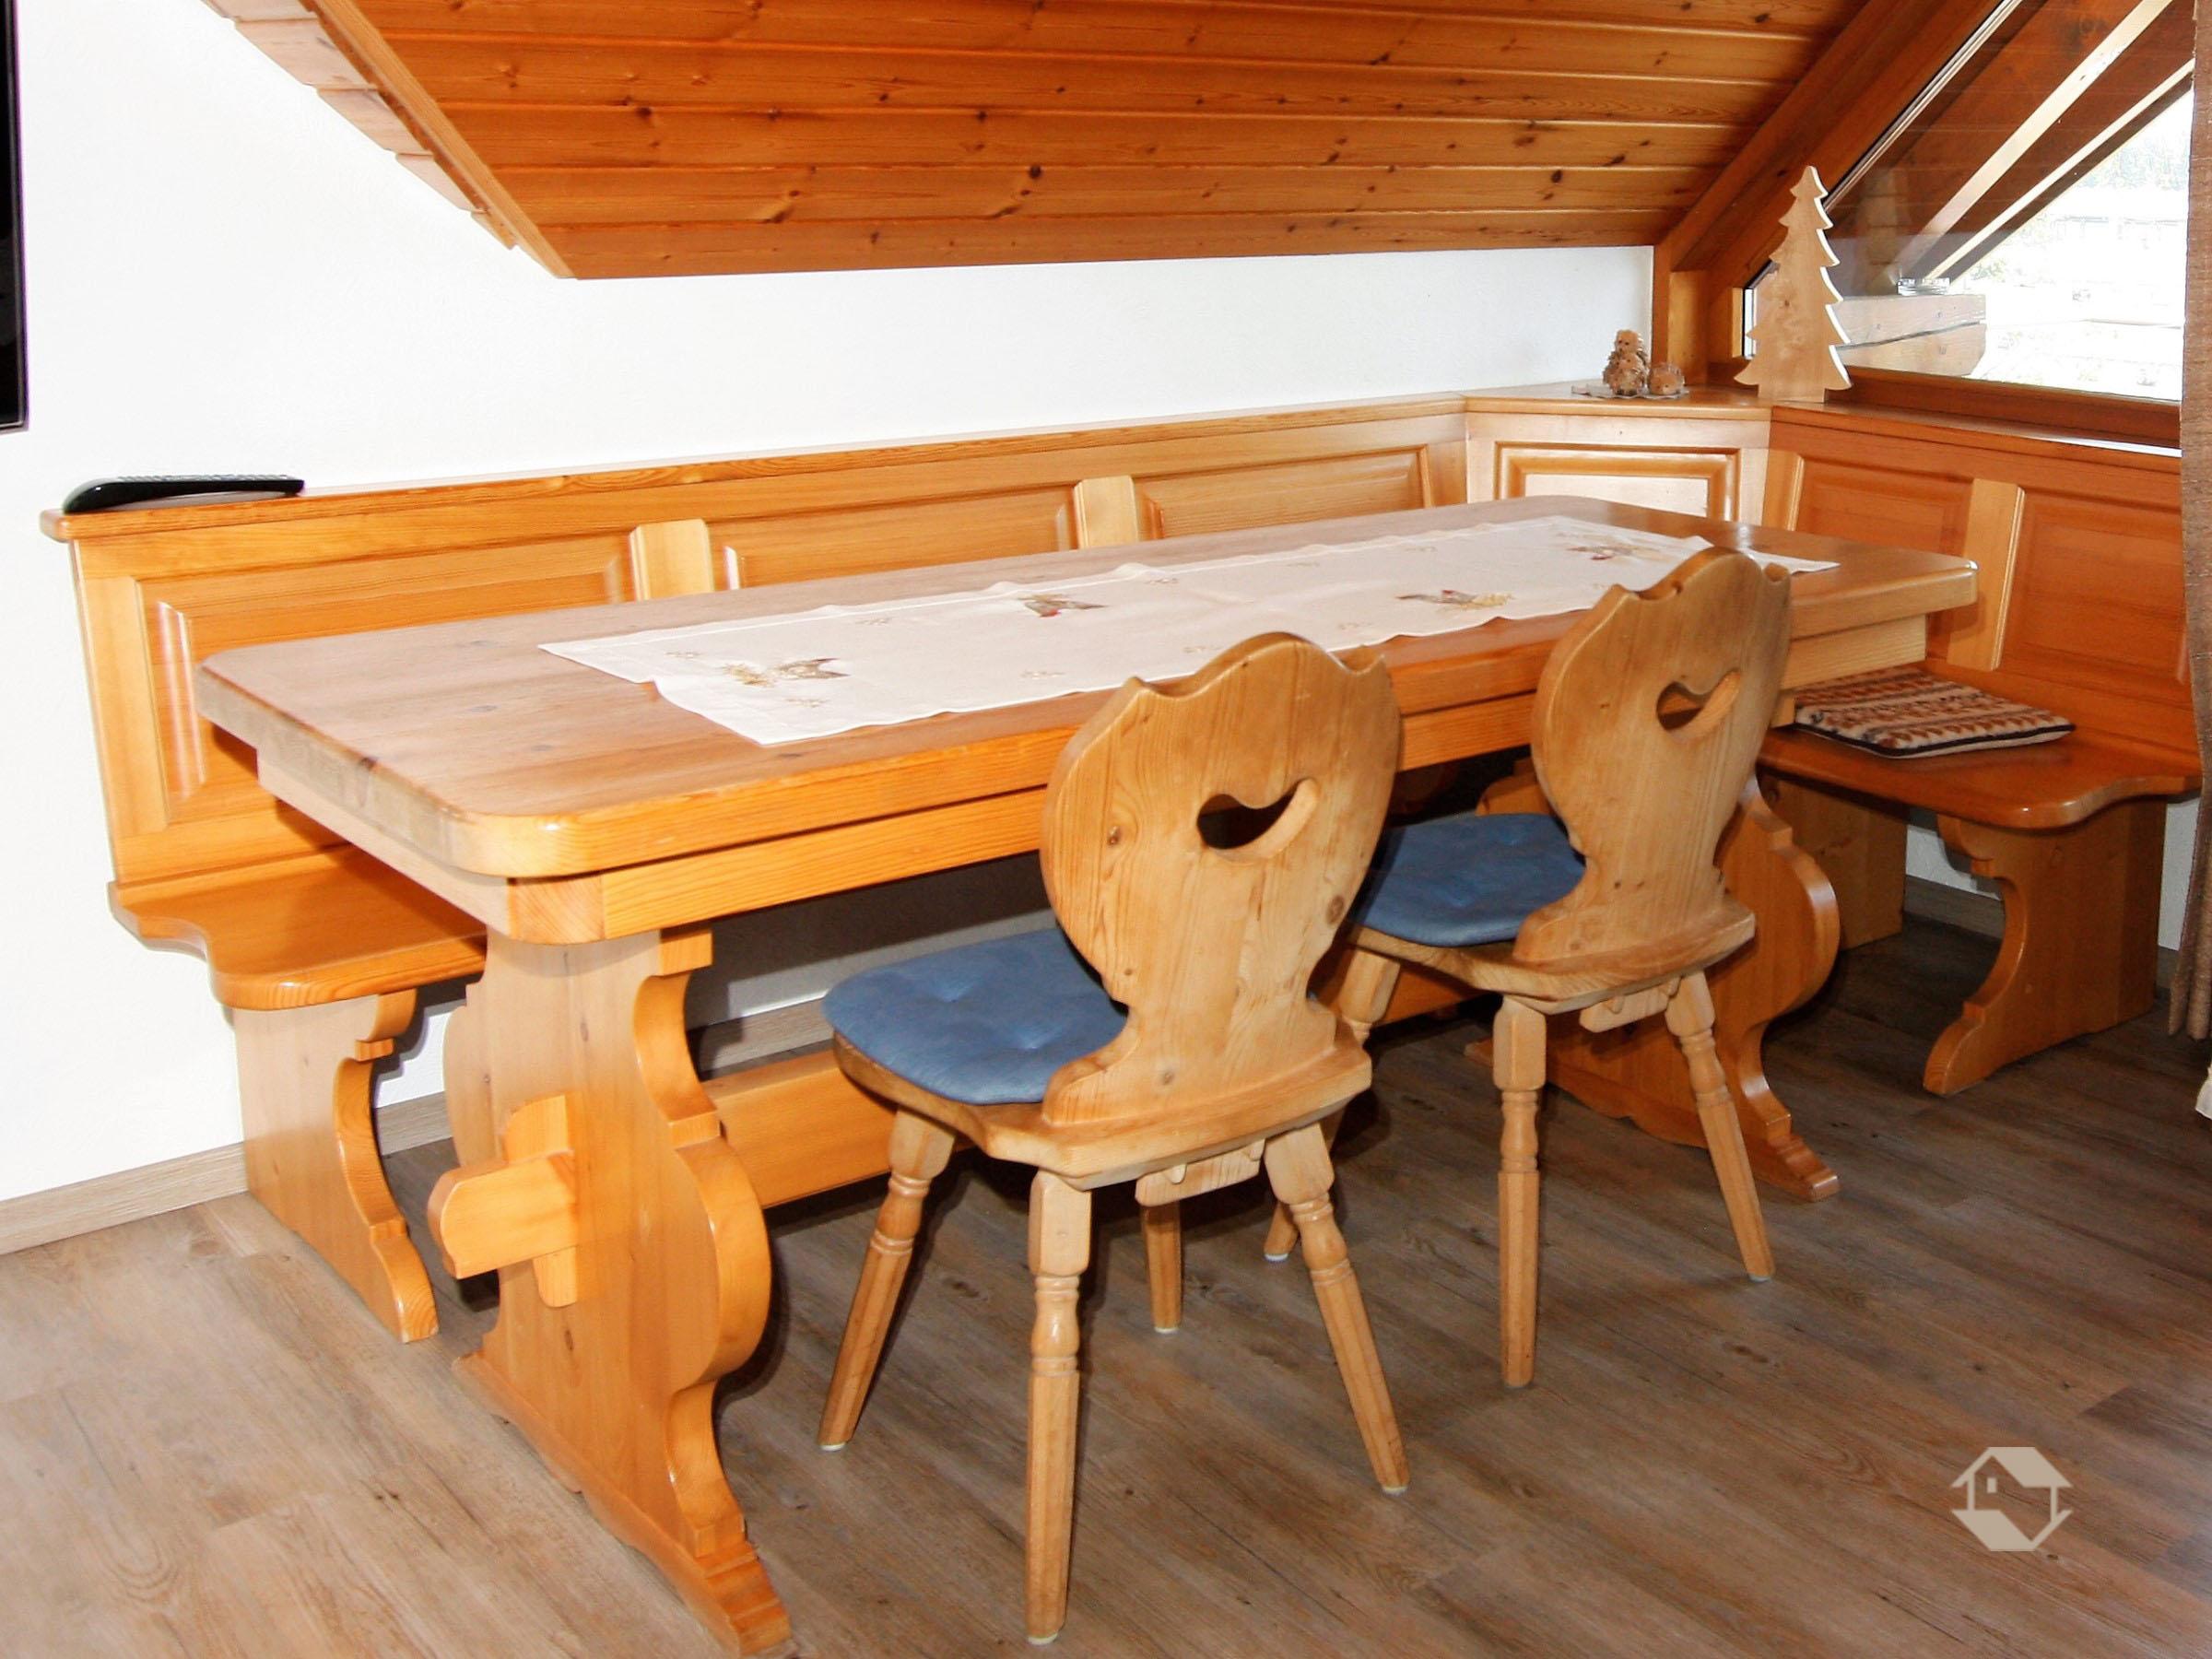 Ferienwohnung Haus Kandelblick, (Furtwangen). Ferienwohnung Feldbergblick, 70qm, 2 Schlafzimmer, 1 Wohn- (2717401), Furtwangen, Schwarzwald, Baden-Württemberg, Deutschland, Bild 15